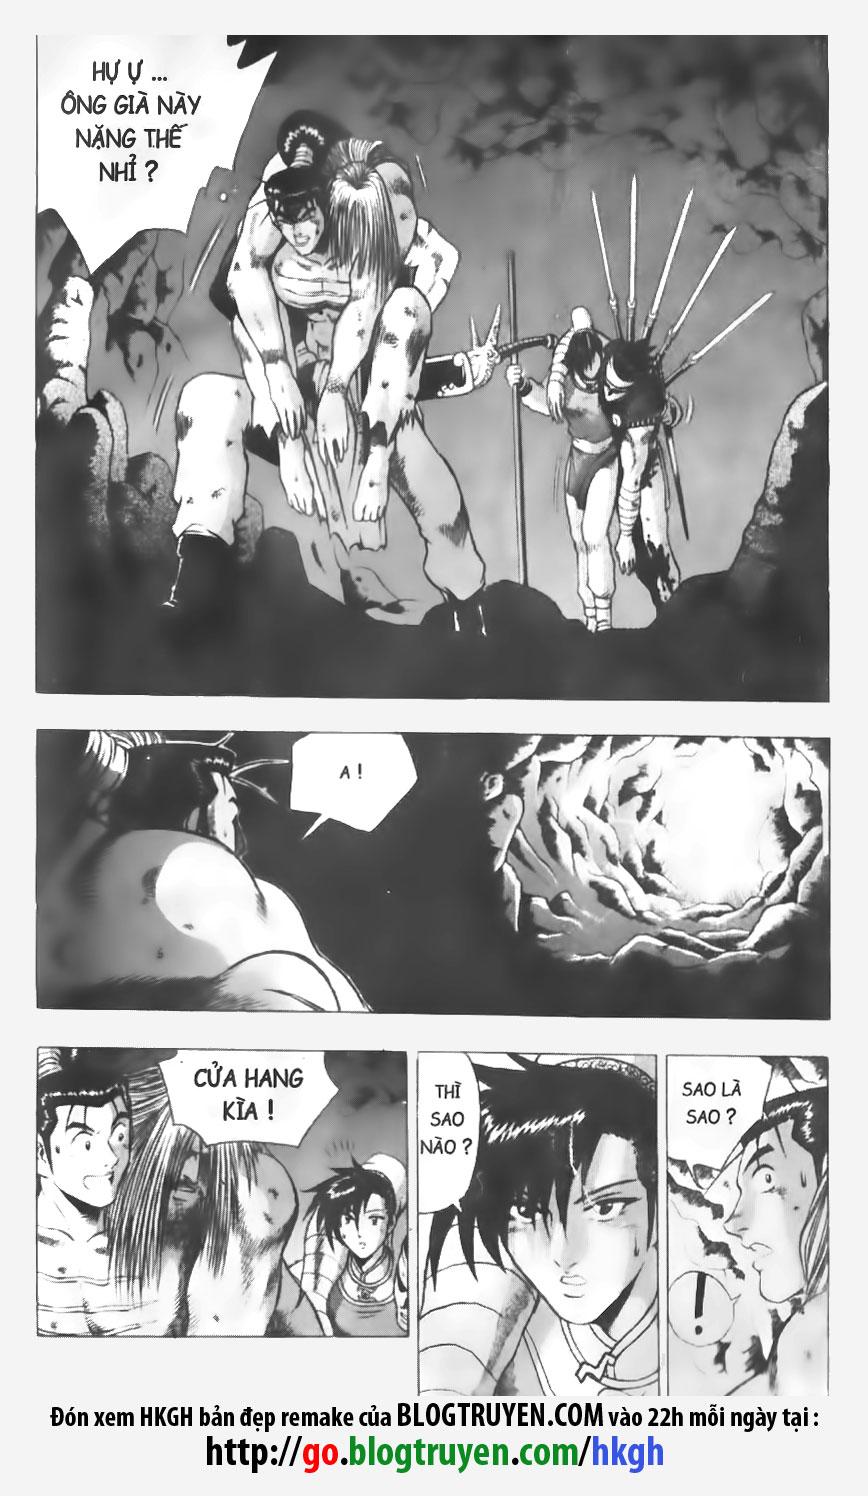 xem truyen moi - Hiệp Khách Giang Hồ Vol20 - Chap 133 - Remake